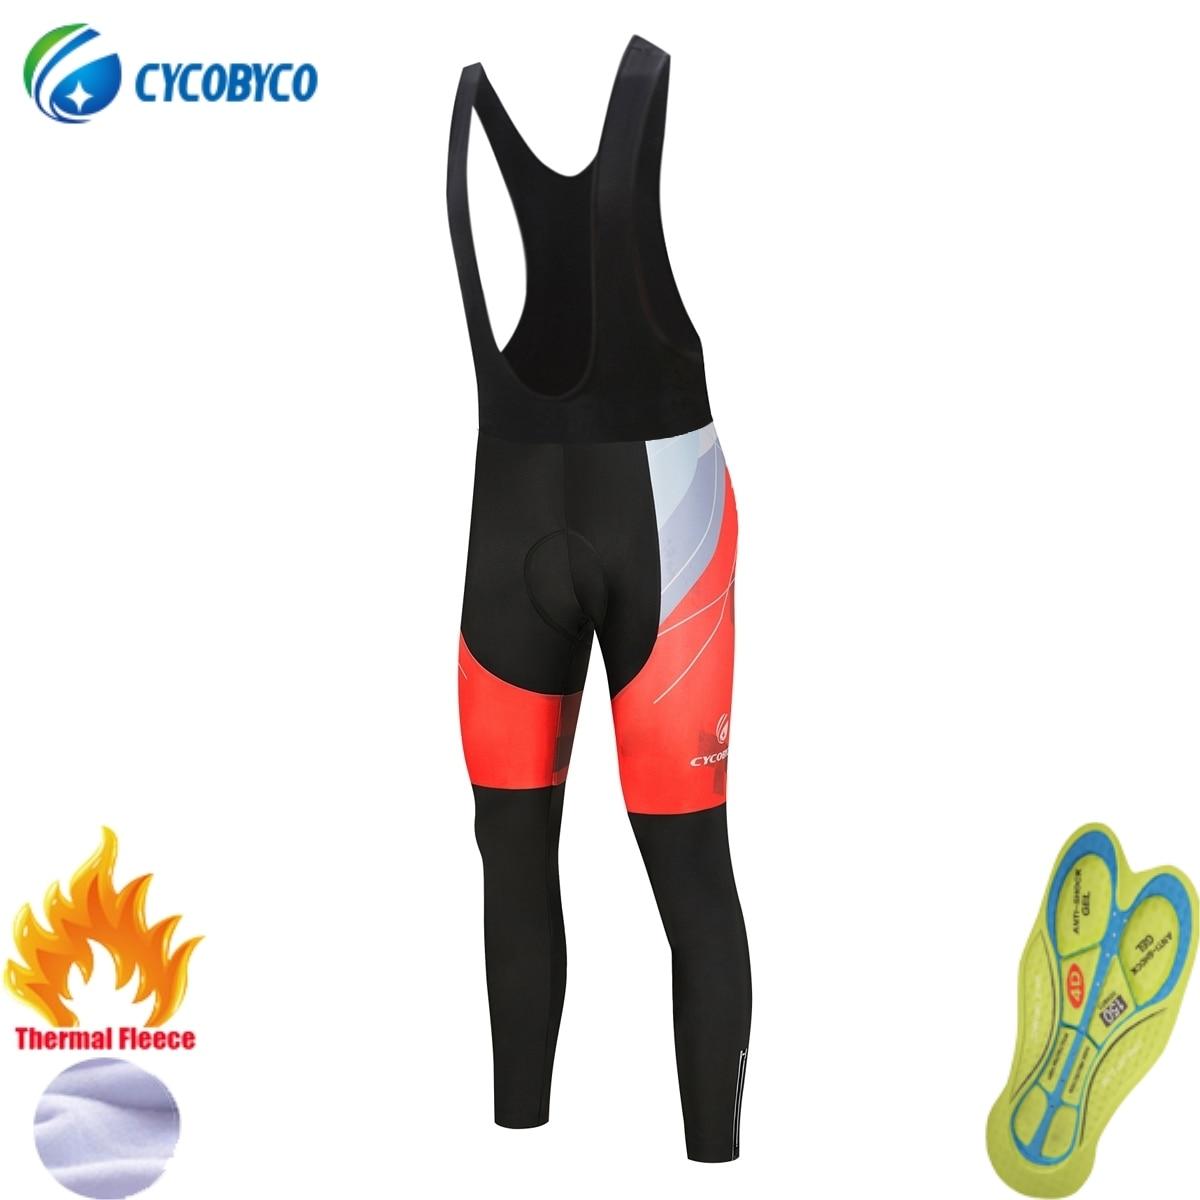 Cycobyco-Pantalones largos con almohadilla de Gel para Ciclismo, mallas acolchadas de alta...